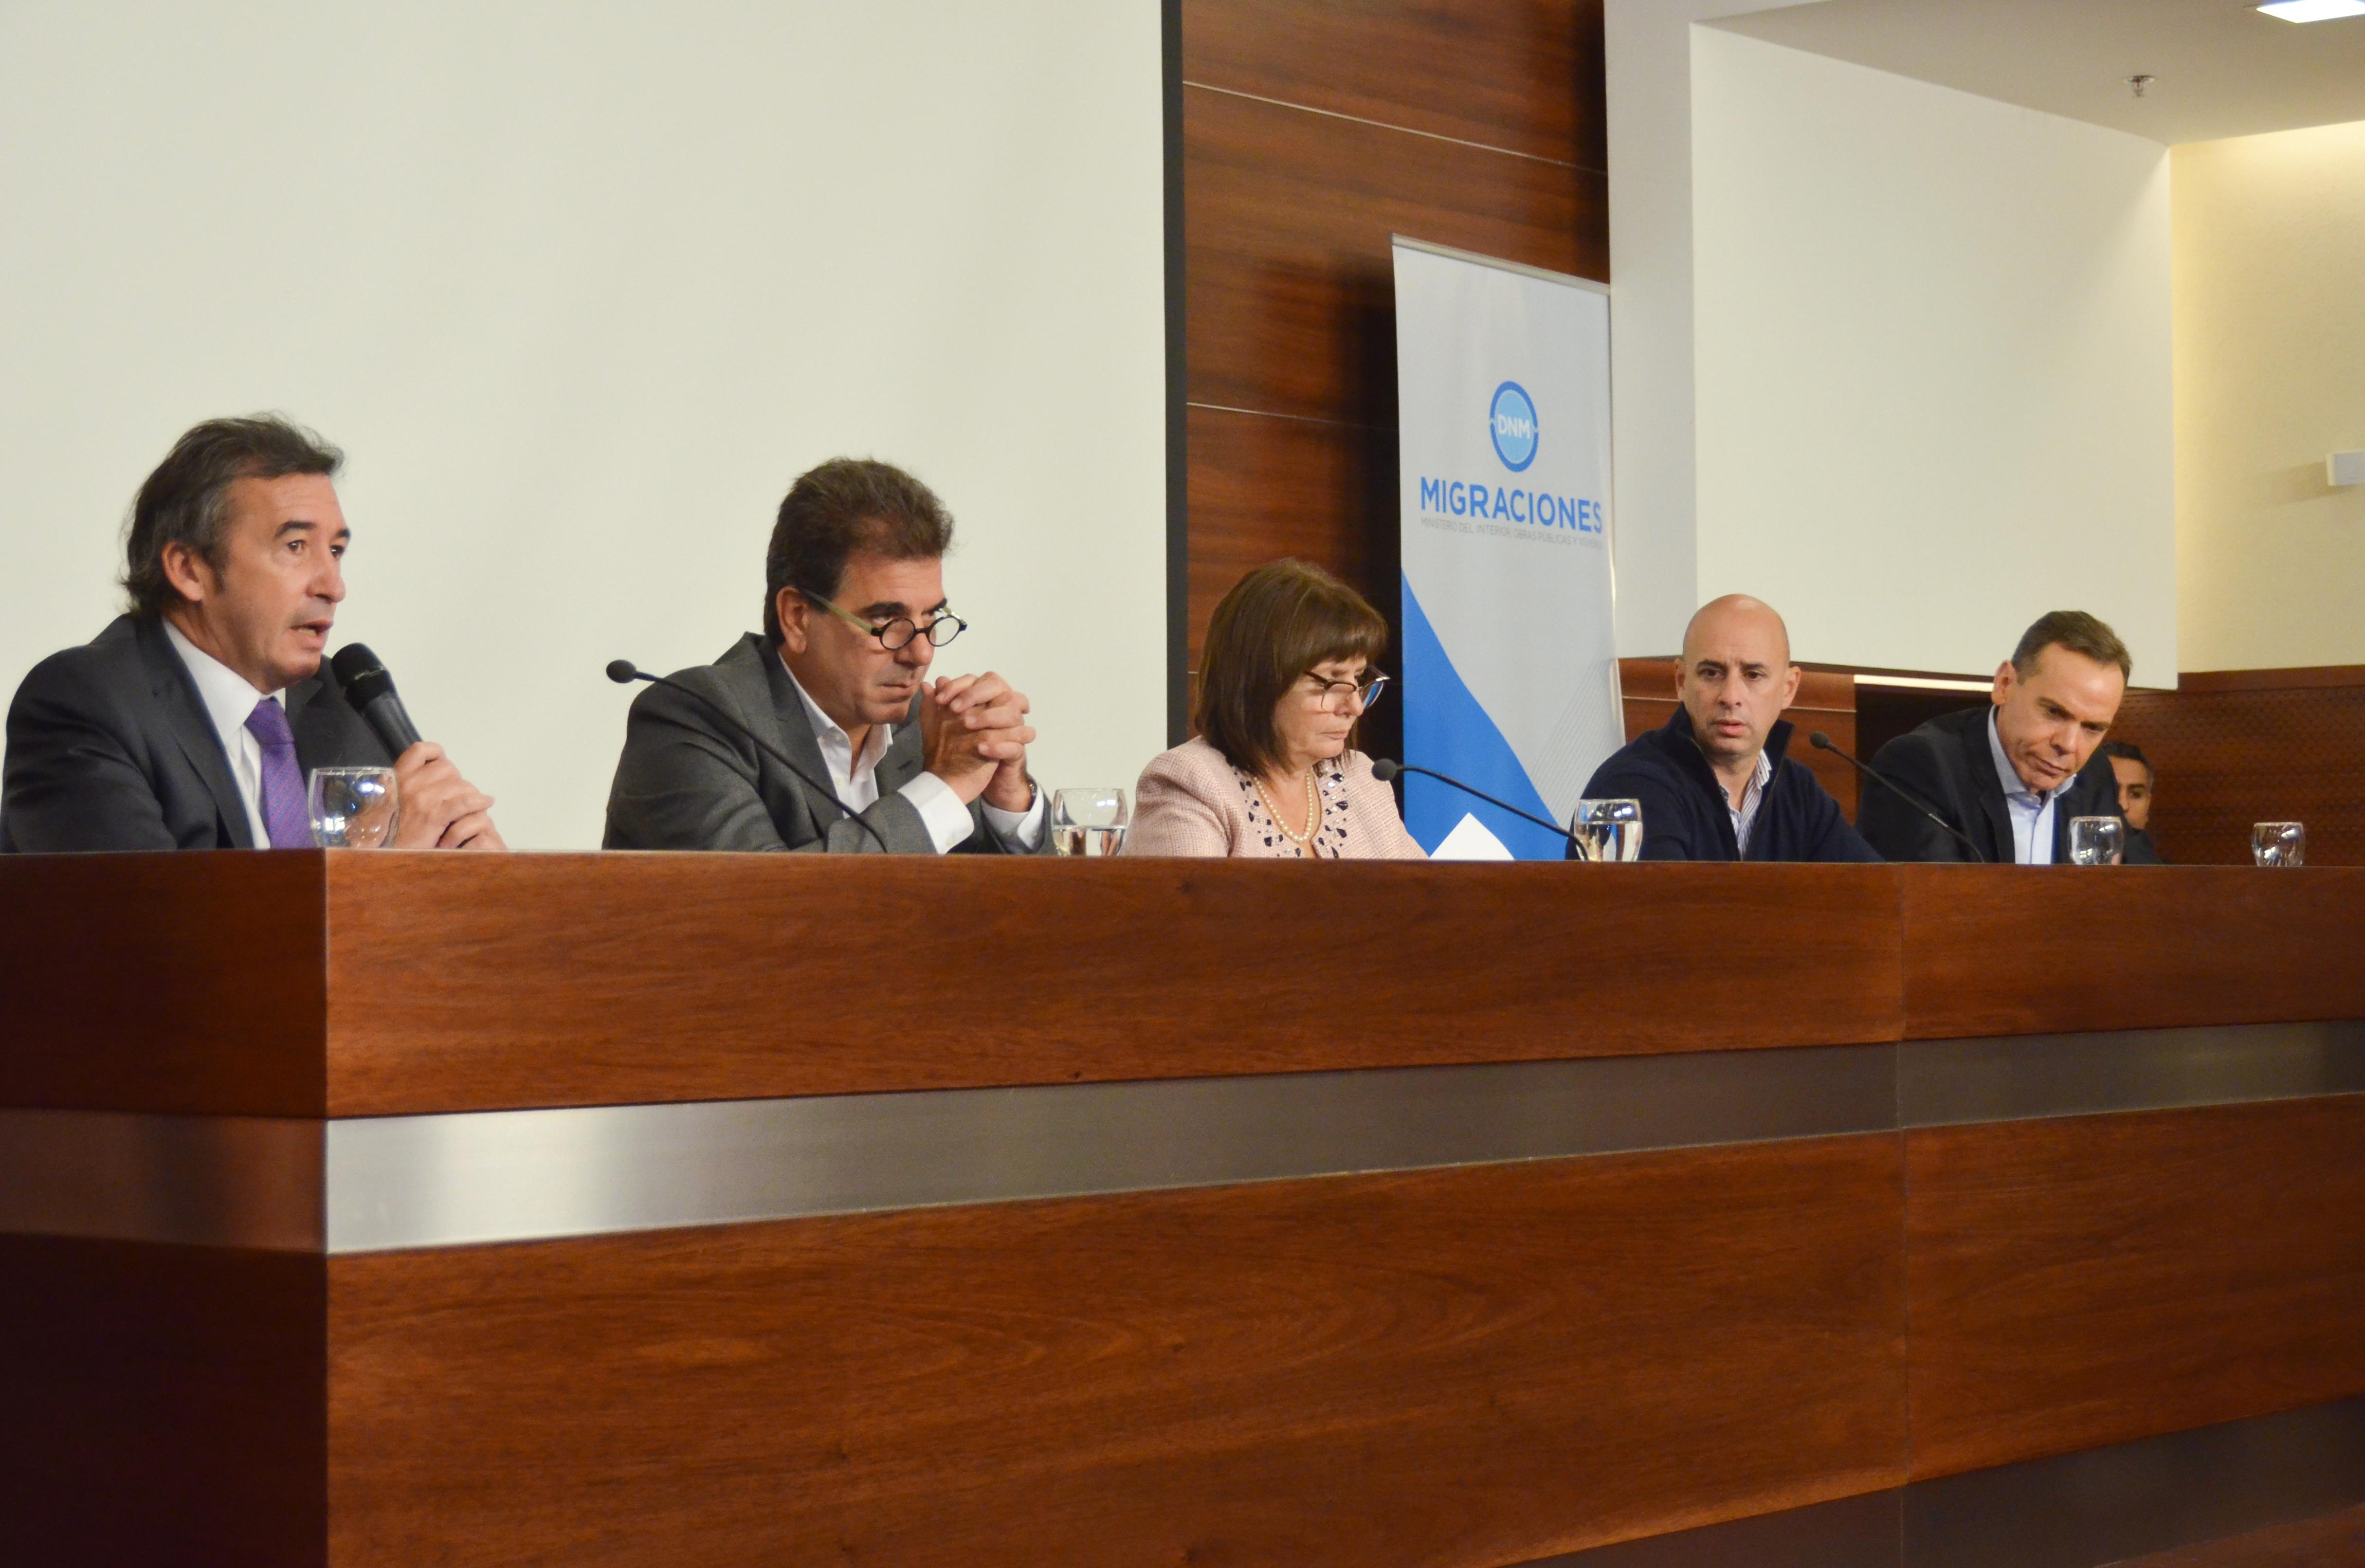 Otamendi participó de una jornada de trabajo sobre política migratoria